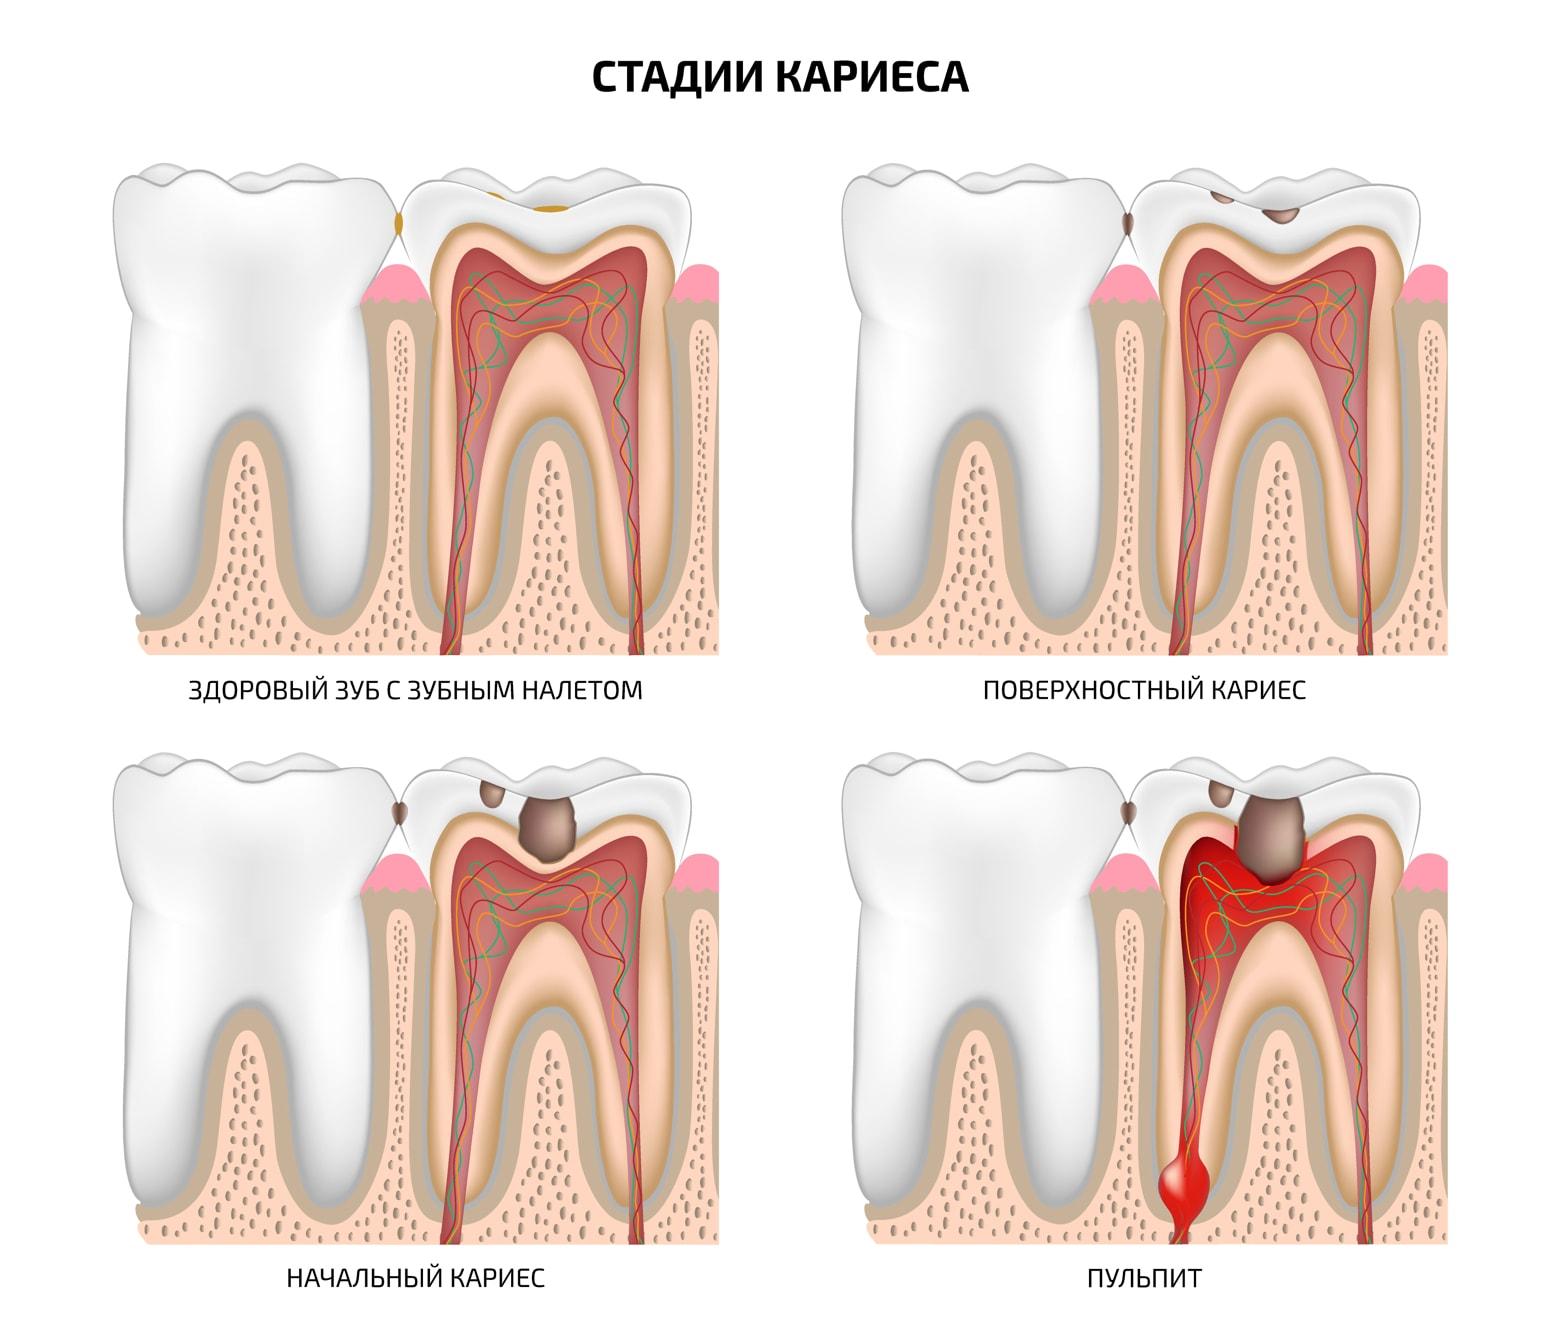 Пульпит зуба — что это такое и какие бывают разновидности этой болезни, фото различных этапов развития